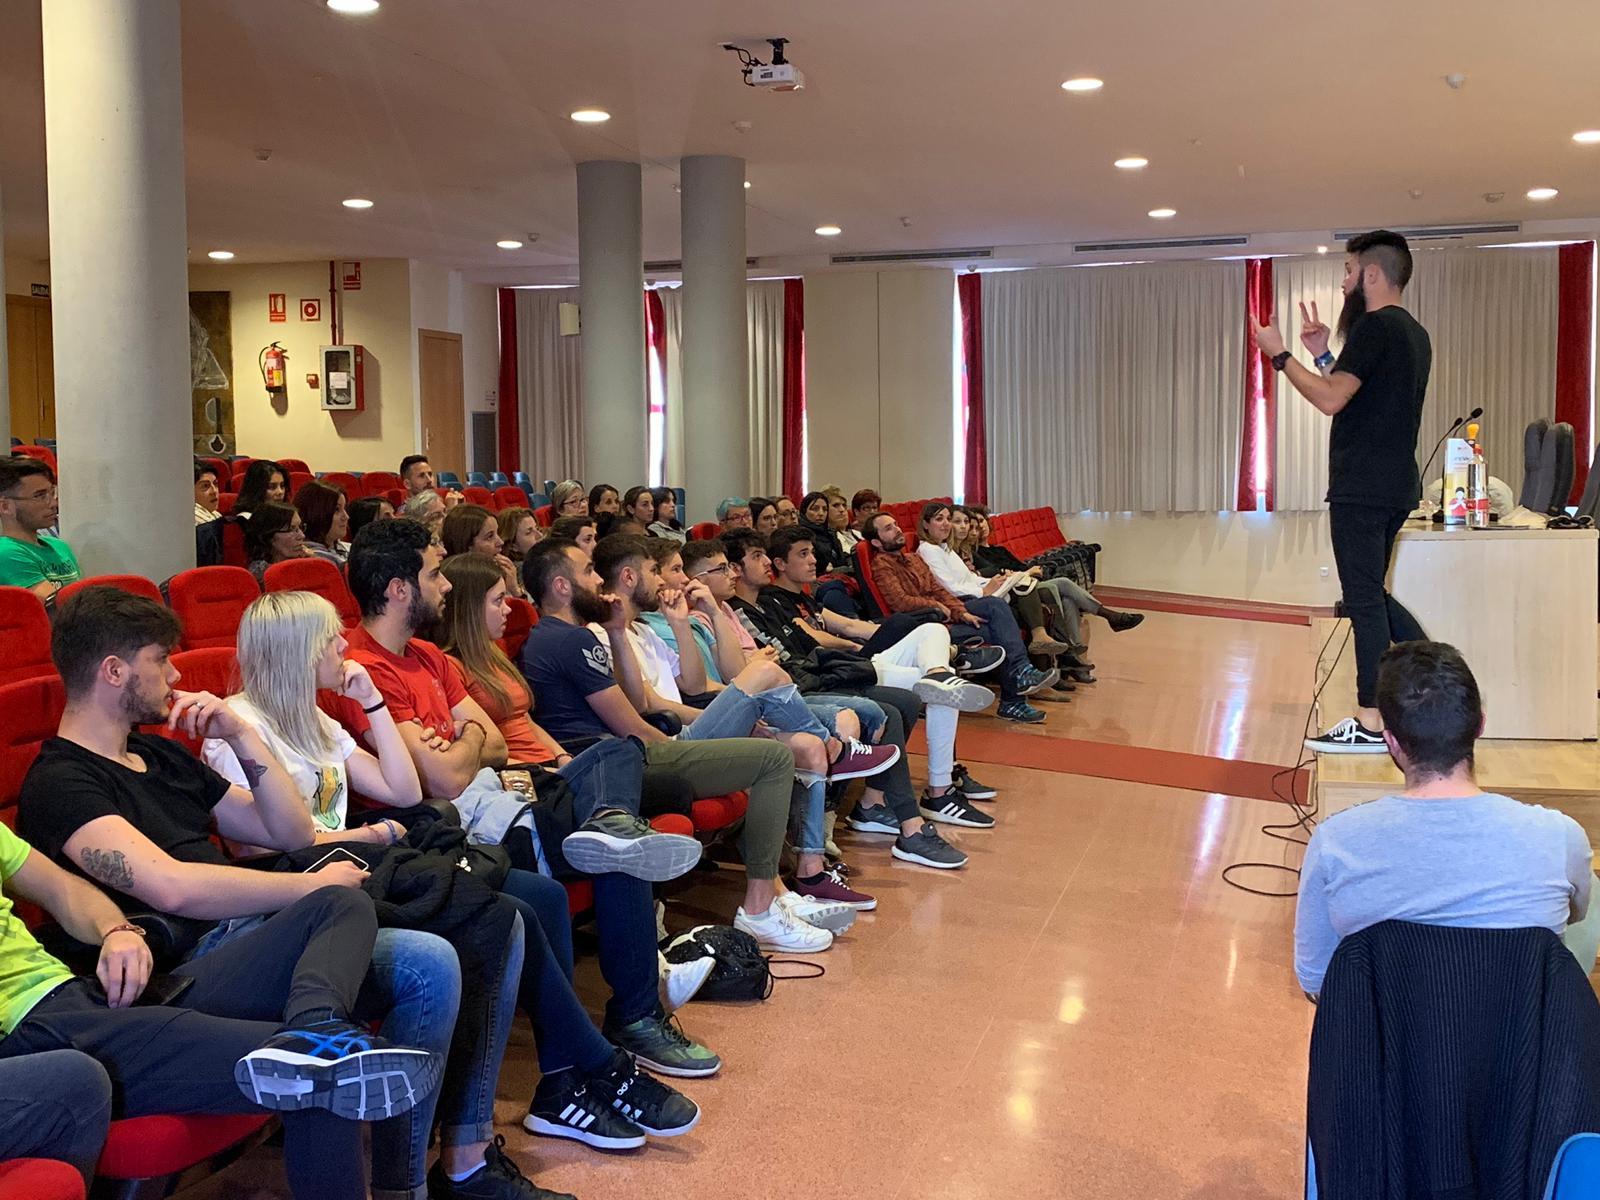 Sesenta personas participan en las sesiones de formación para evitar asfixias por atragantamiento